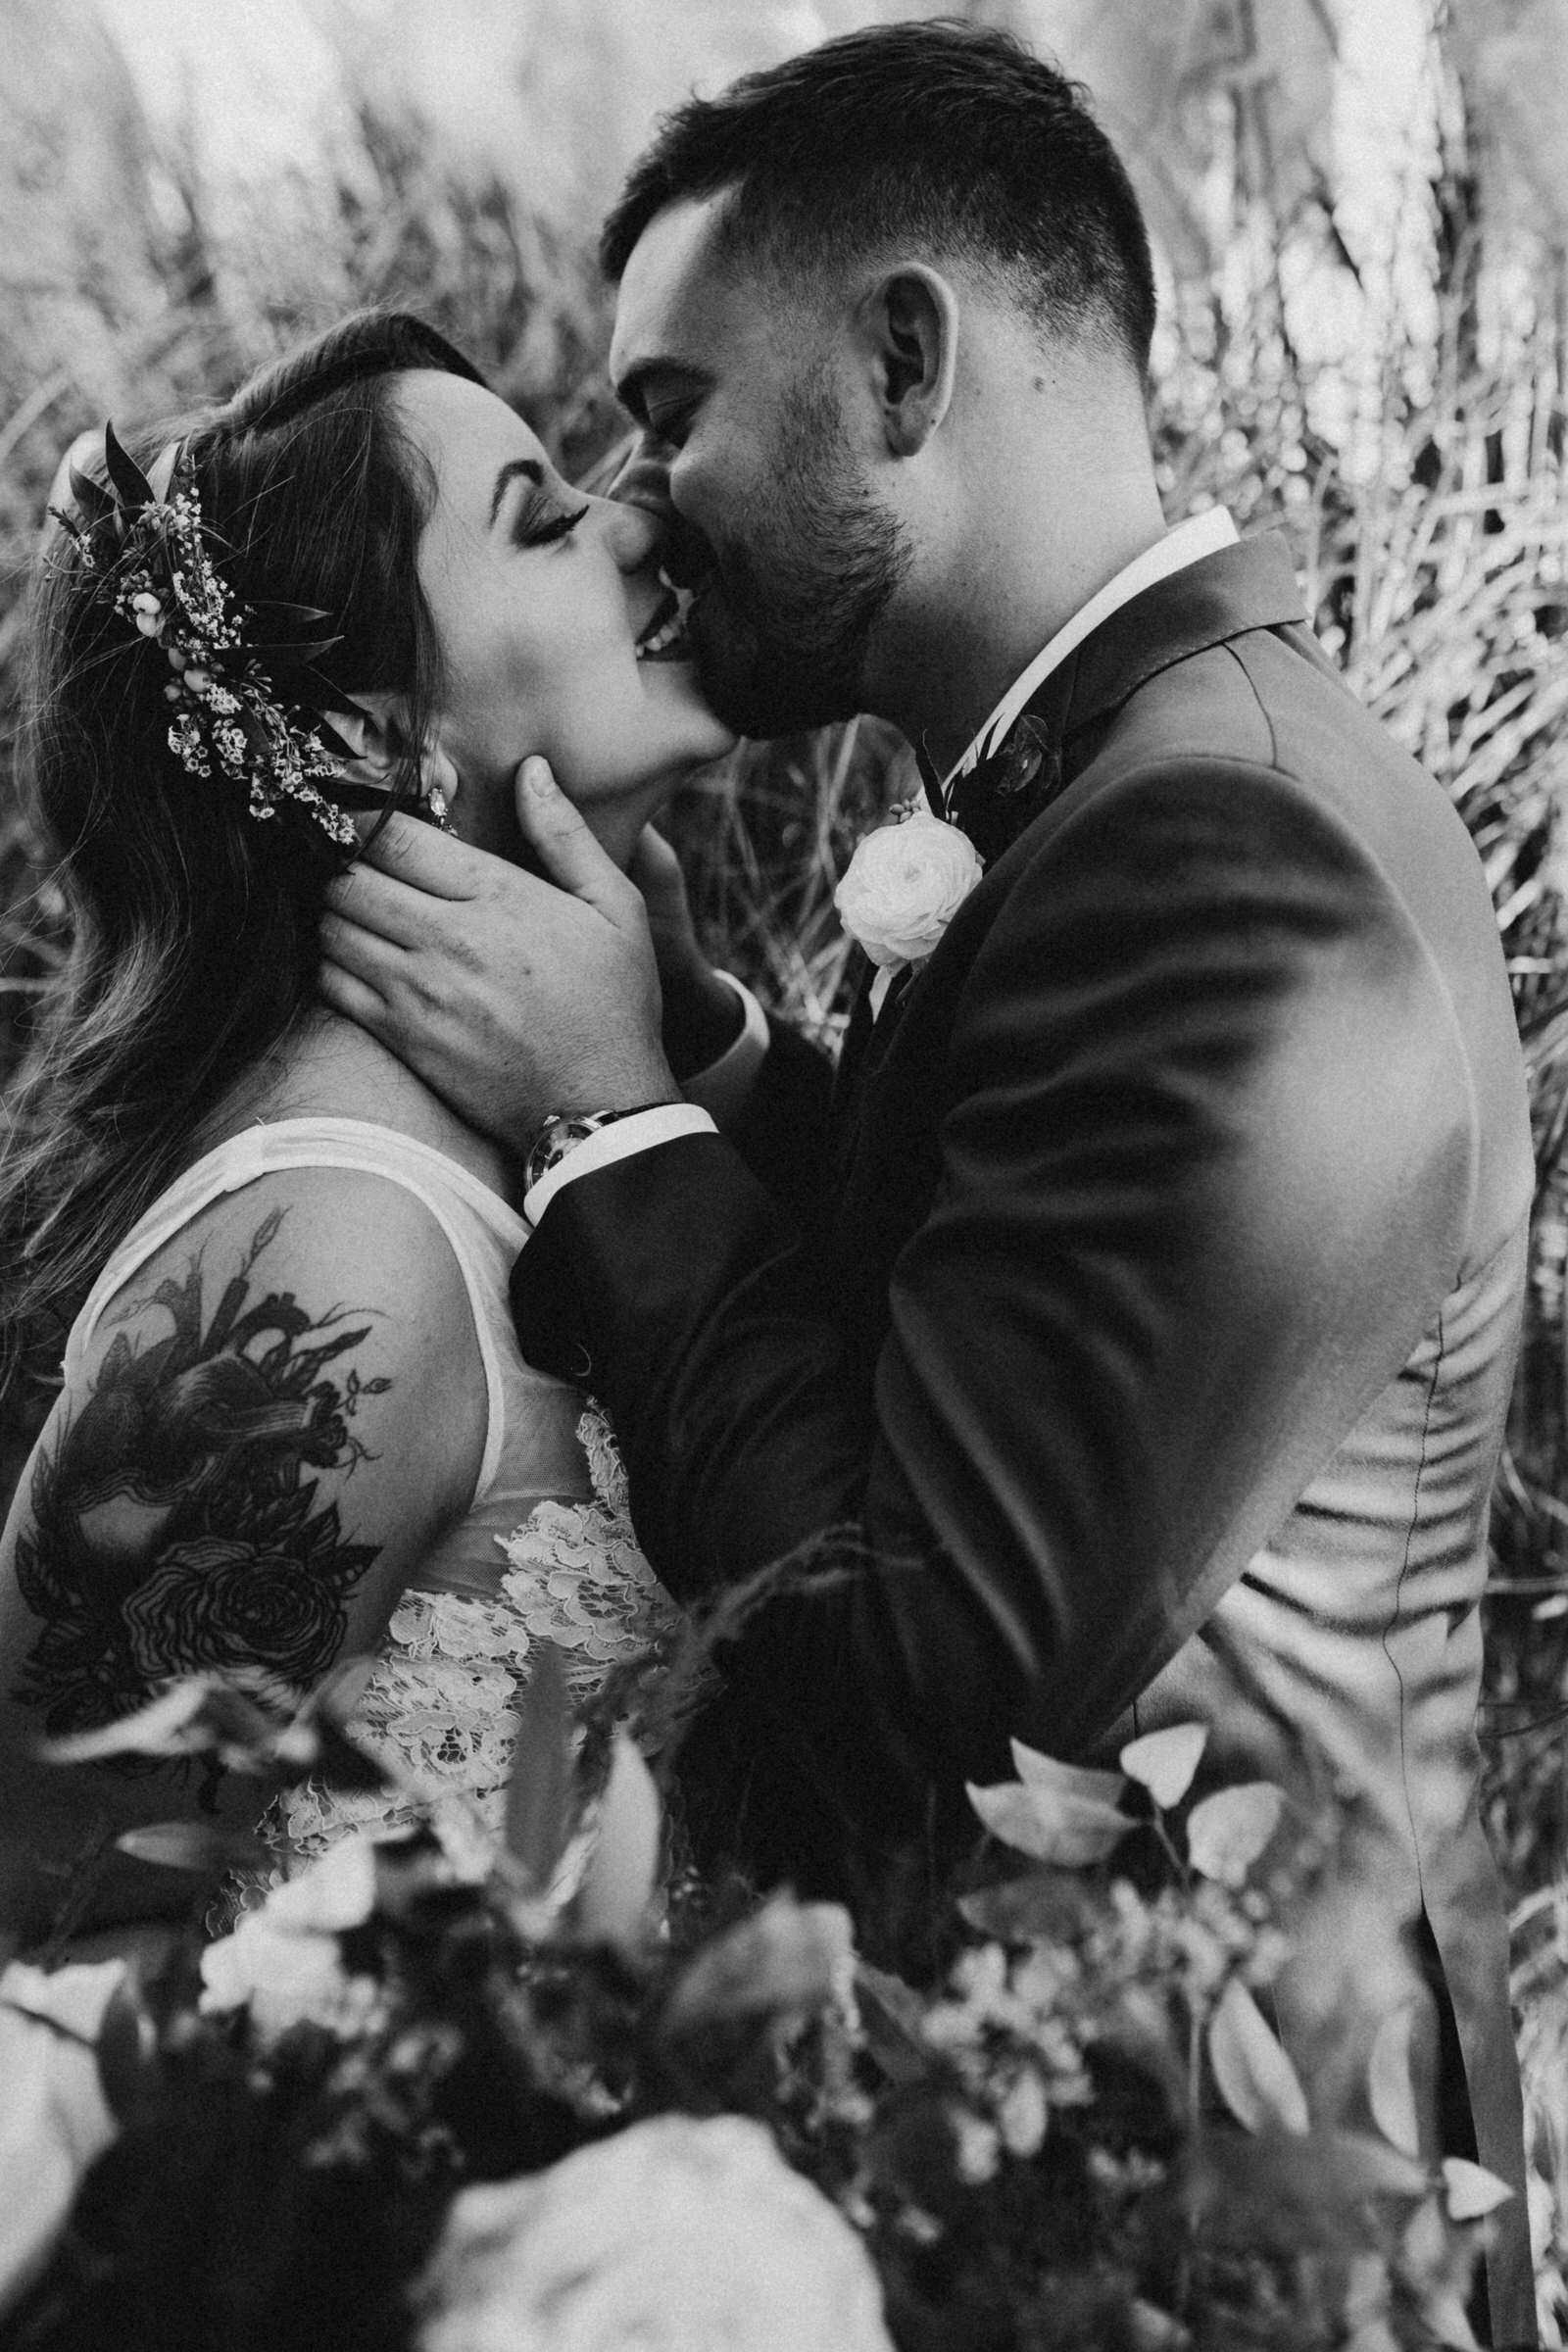 dietzen_aubrey-texas-the-springs-wedding_014-1.jpg